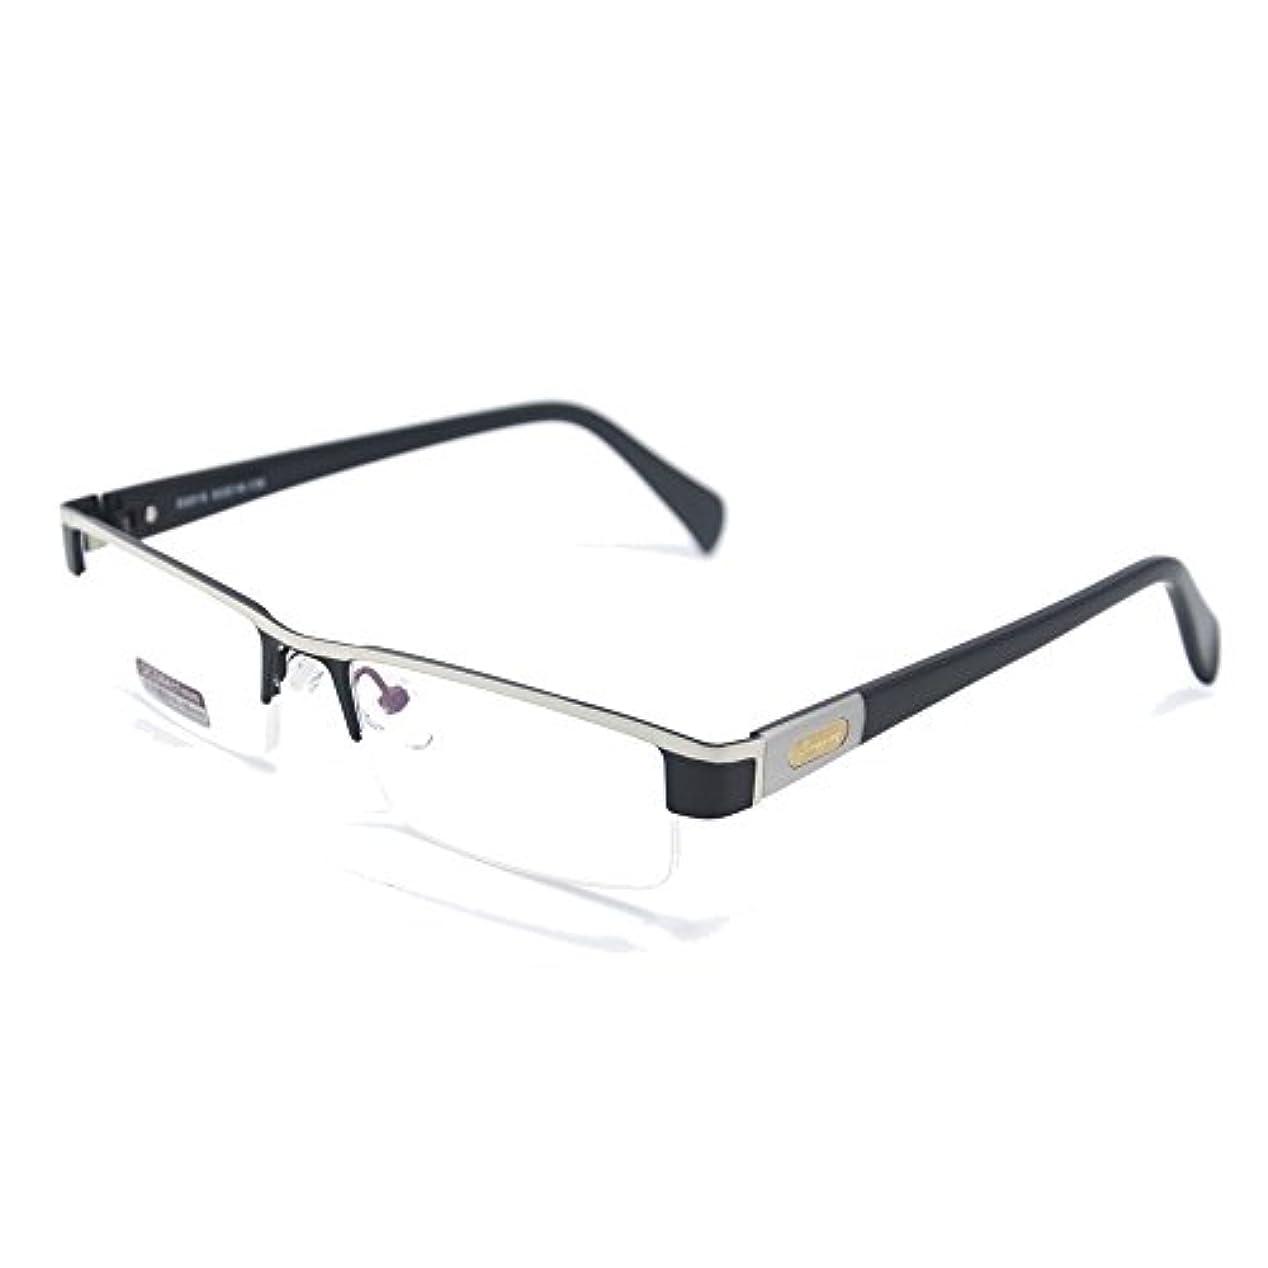 チタン合金フレーム非球面老眼鏡 おしゃれリーディンググラス 度数「+1.0~+4.0」yr2015 (二本セット (+3.5))